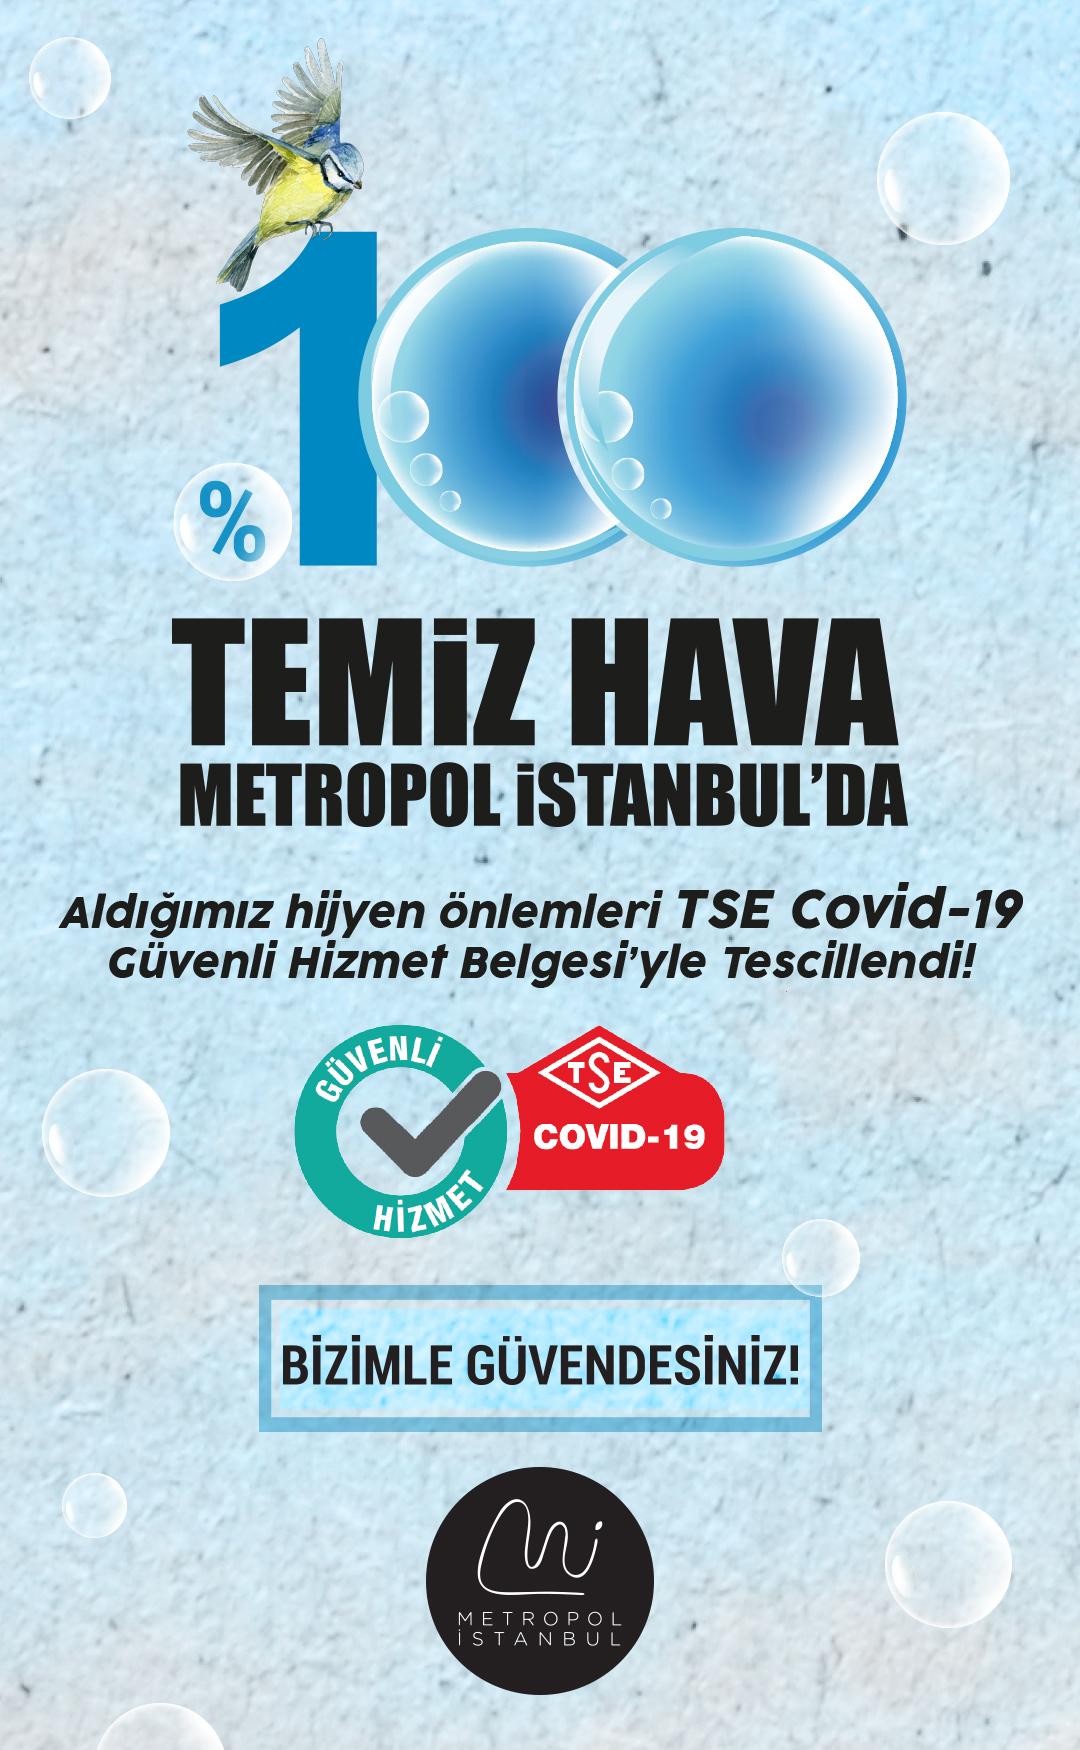 TSE Onaylı Güvenli Alışveriş Metropol İstanbul'da!